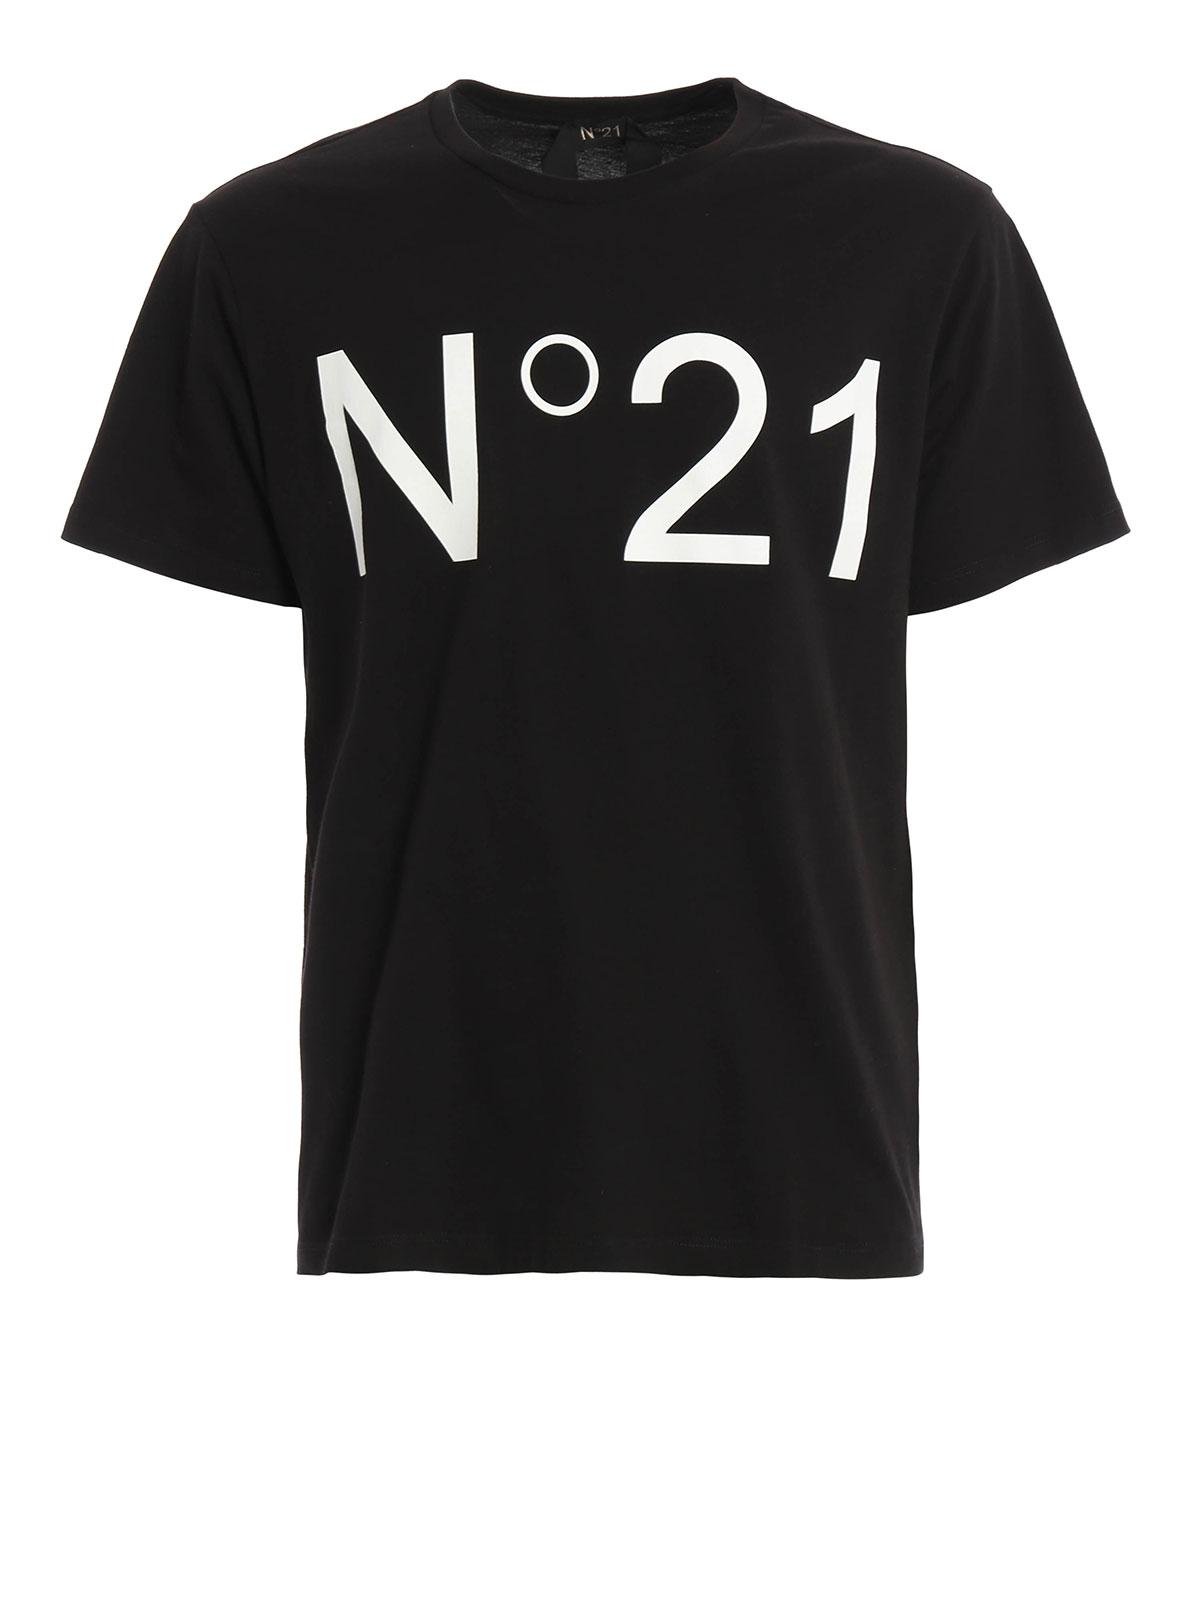 Logo print t shirt by n 21 t shirts ikrix for Printing logos on t shirts